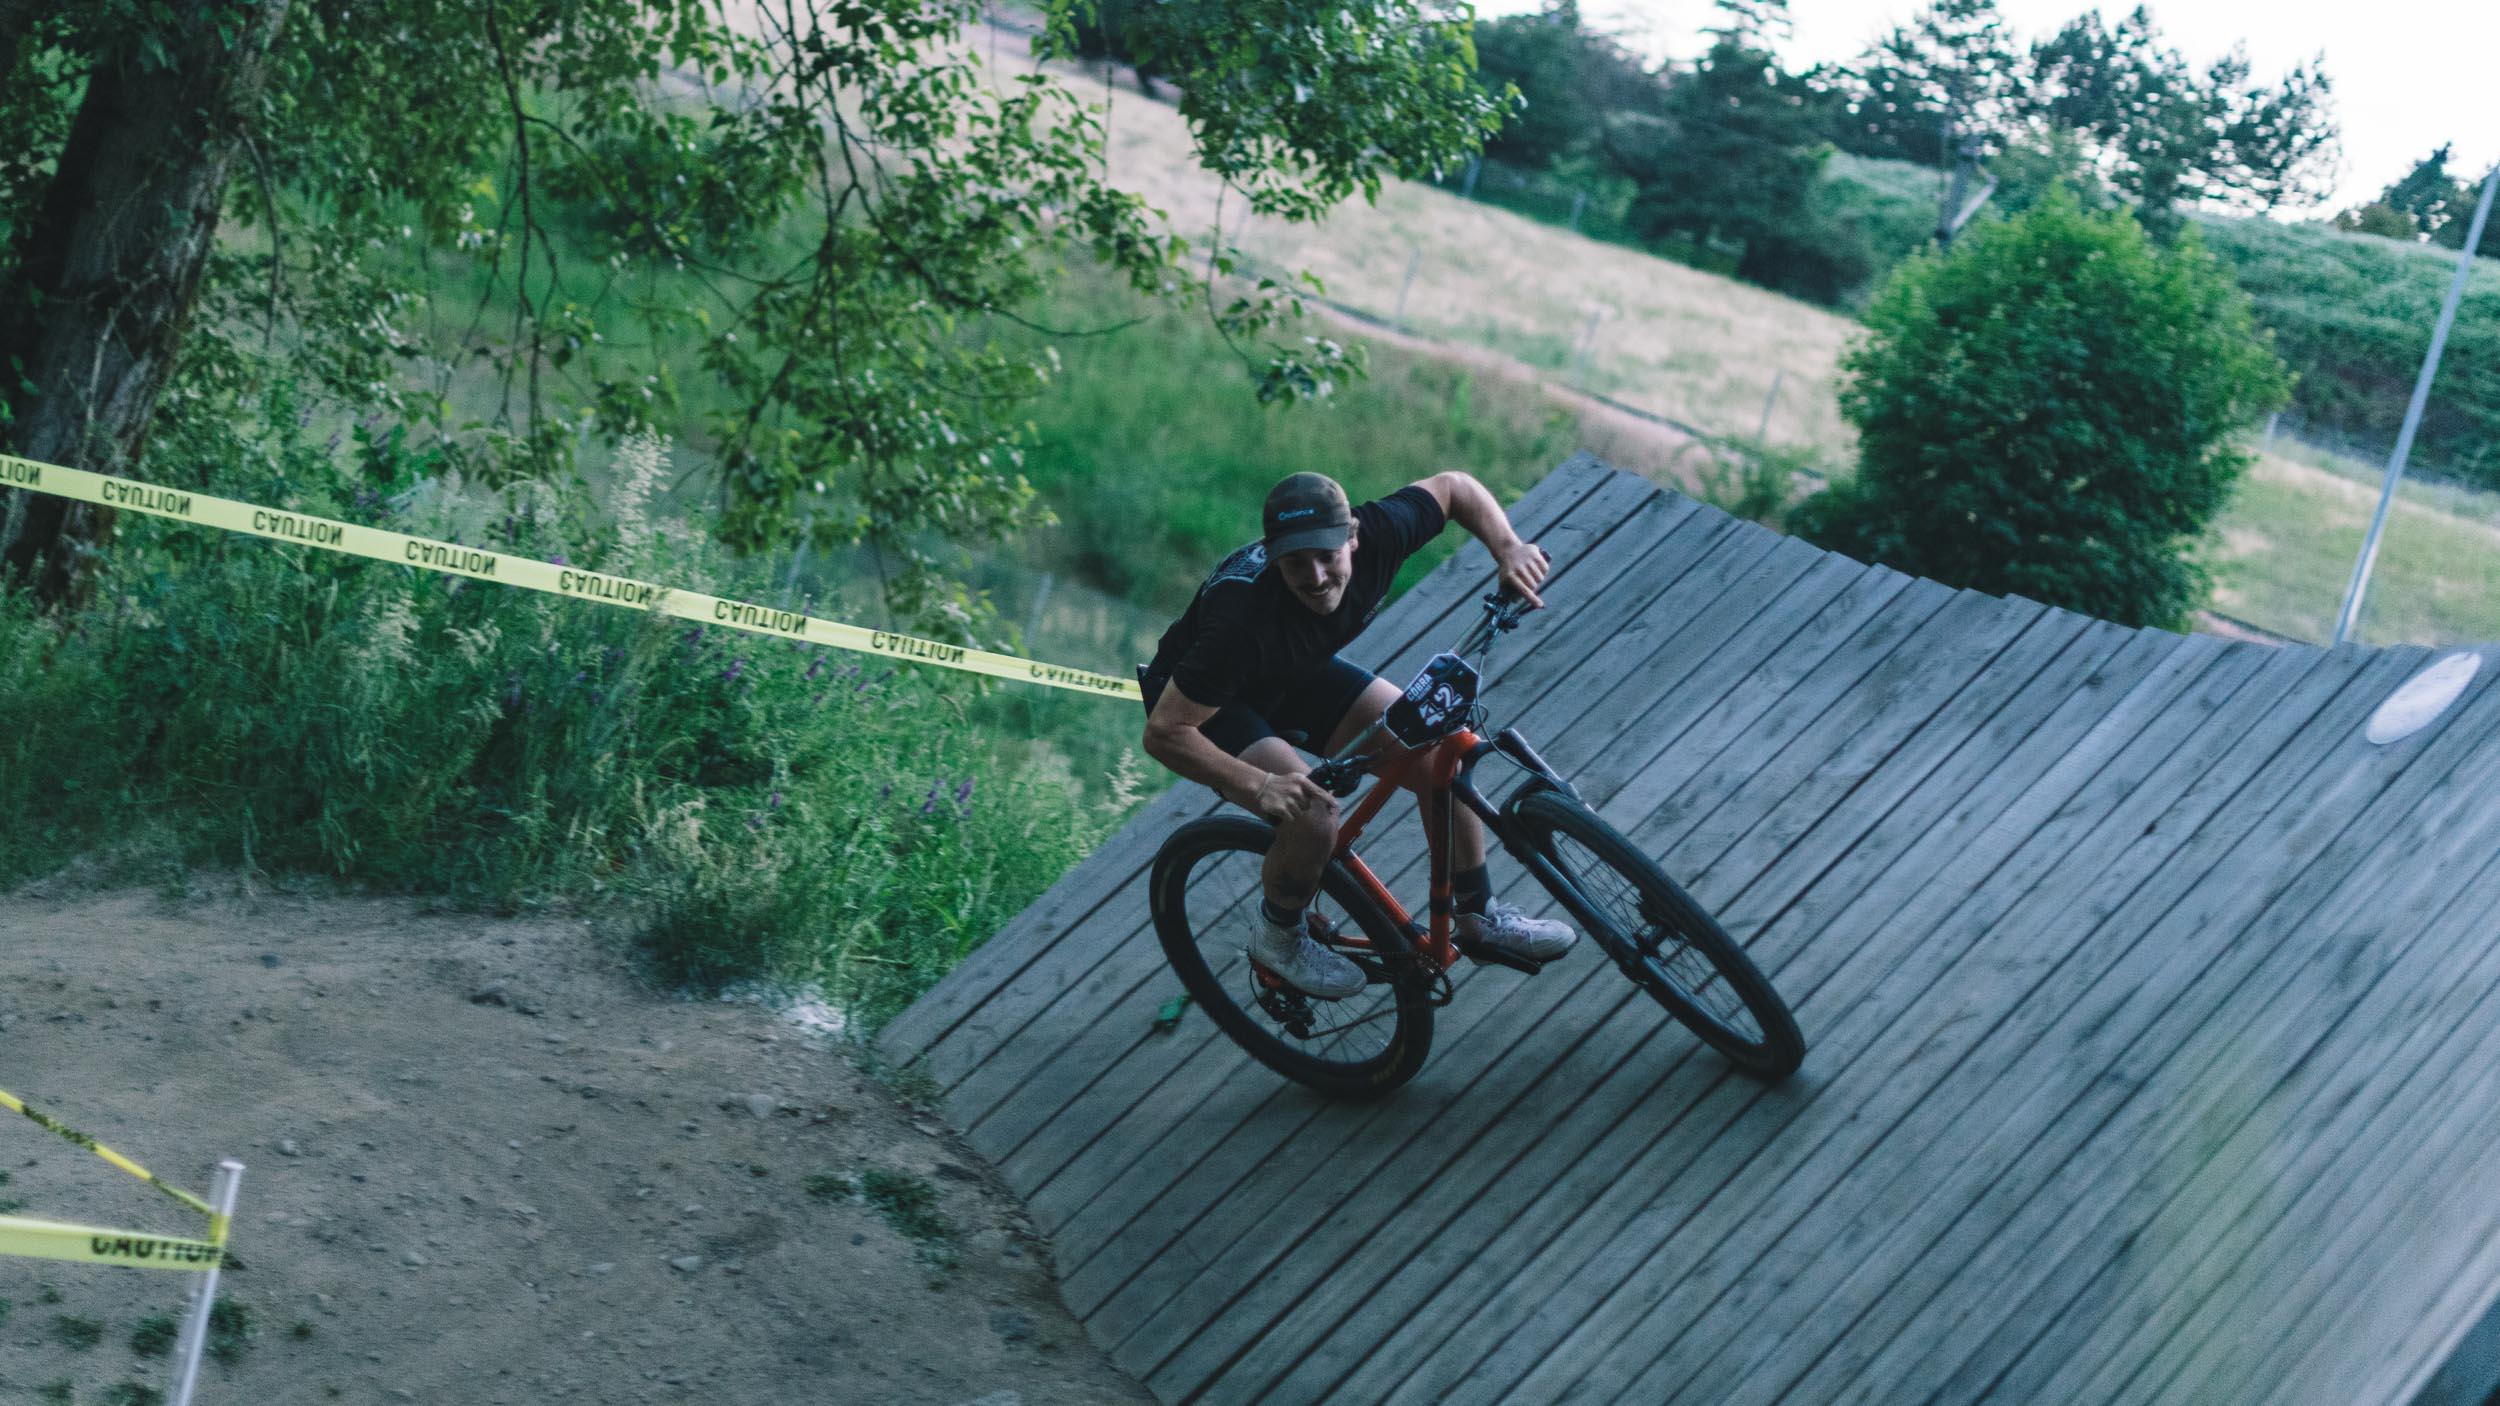 COBRA_Racing_Gateway_Miguel_Race_48.jpg